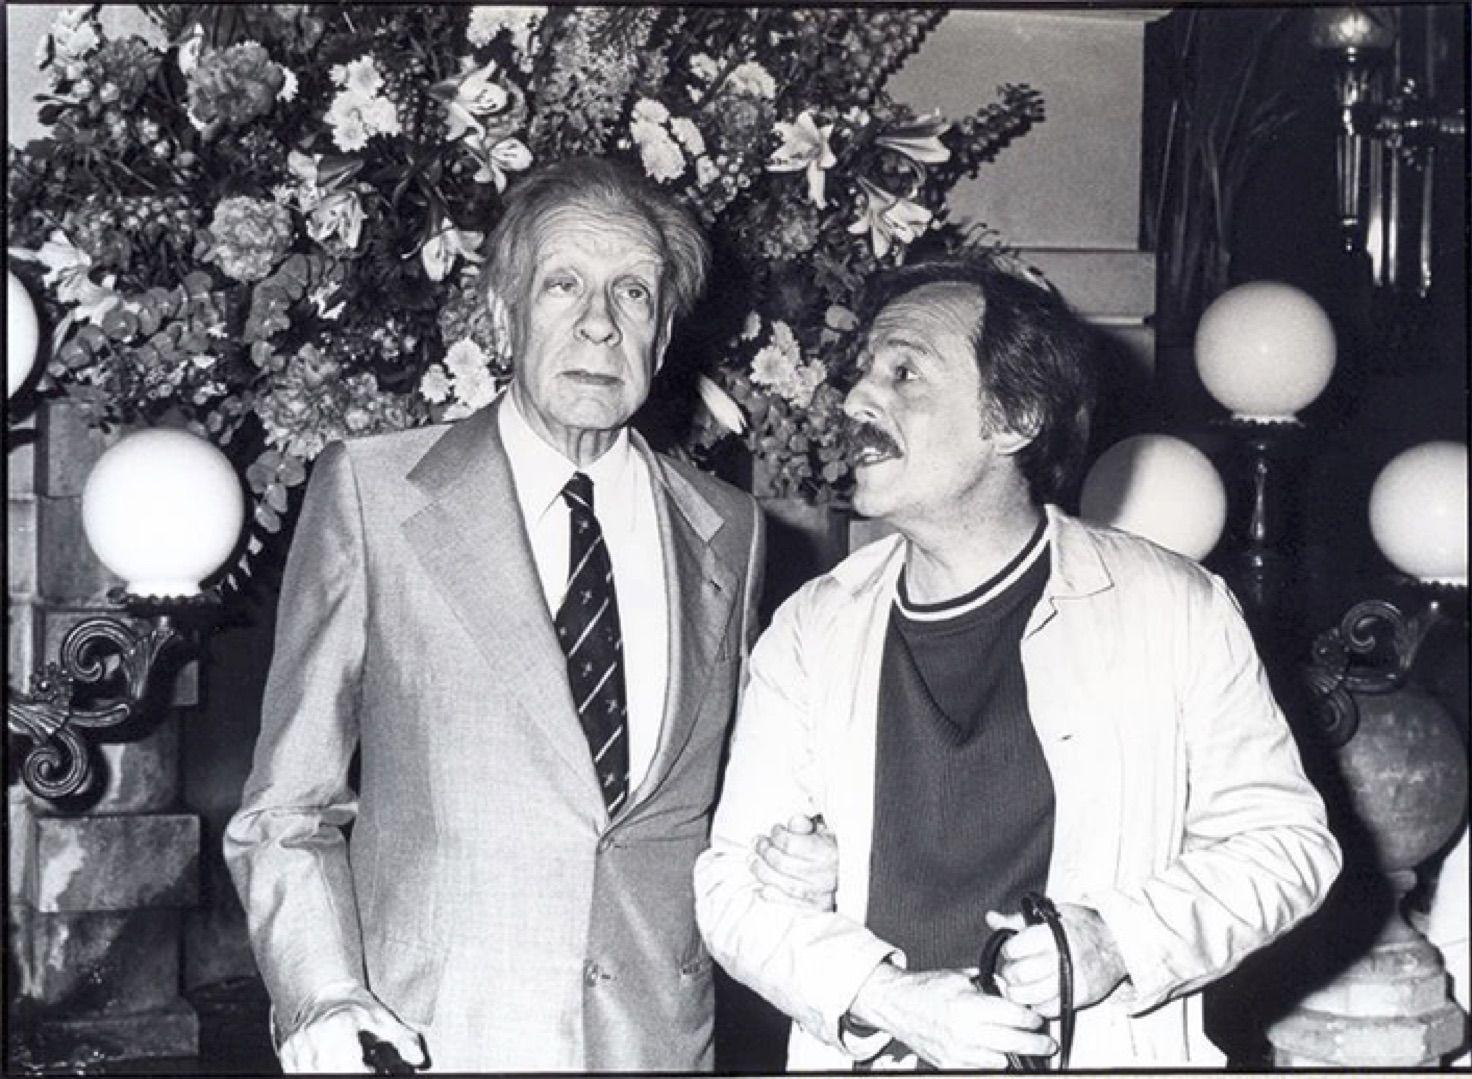 Jorge Luis Borges, junto al fotógrafo Pepe Fernández, en una de las imágenes de la exposición.